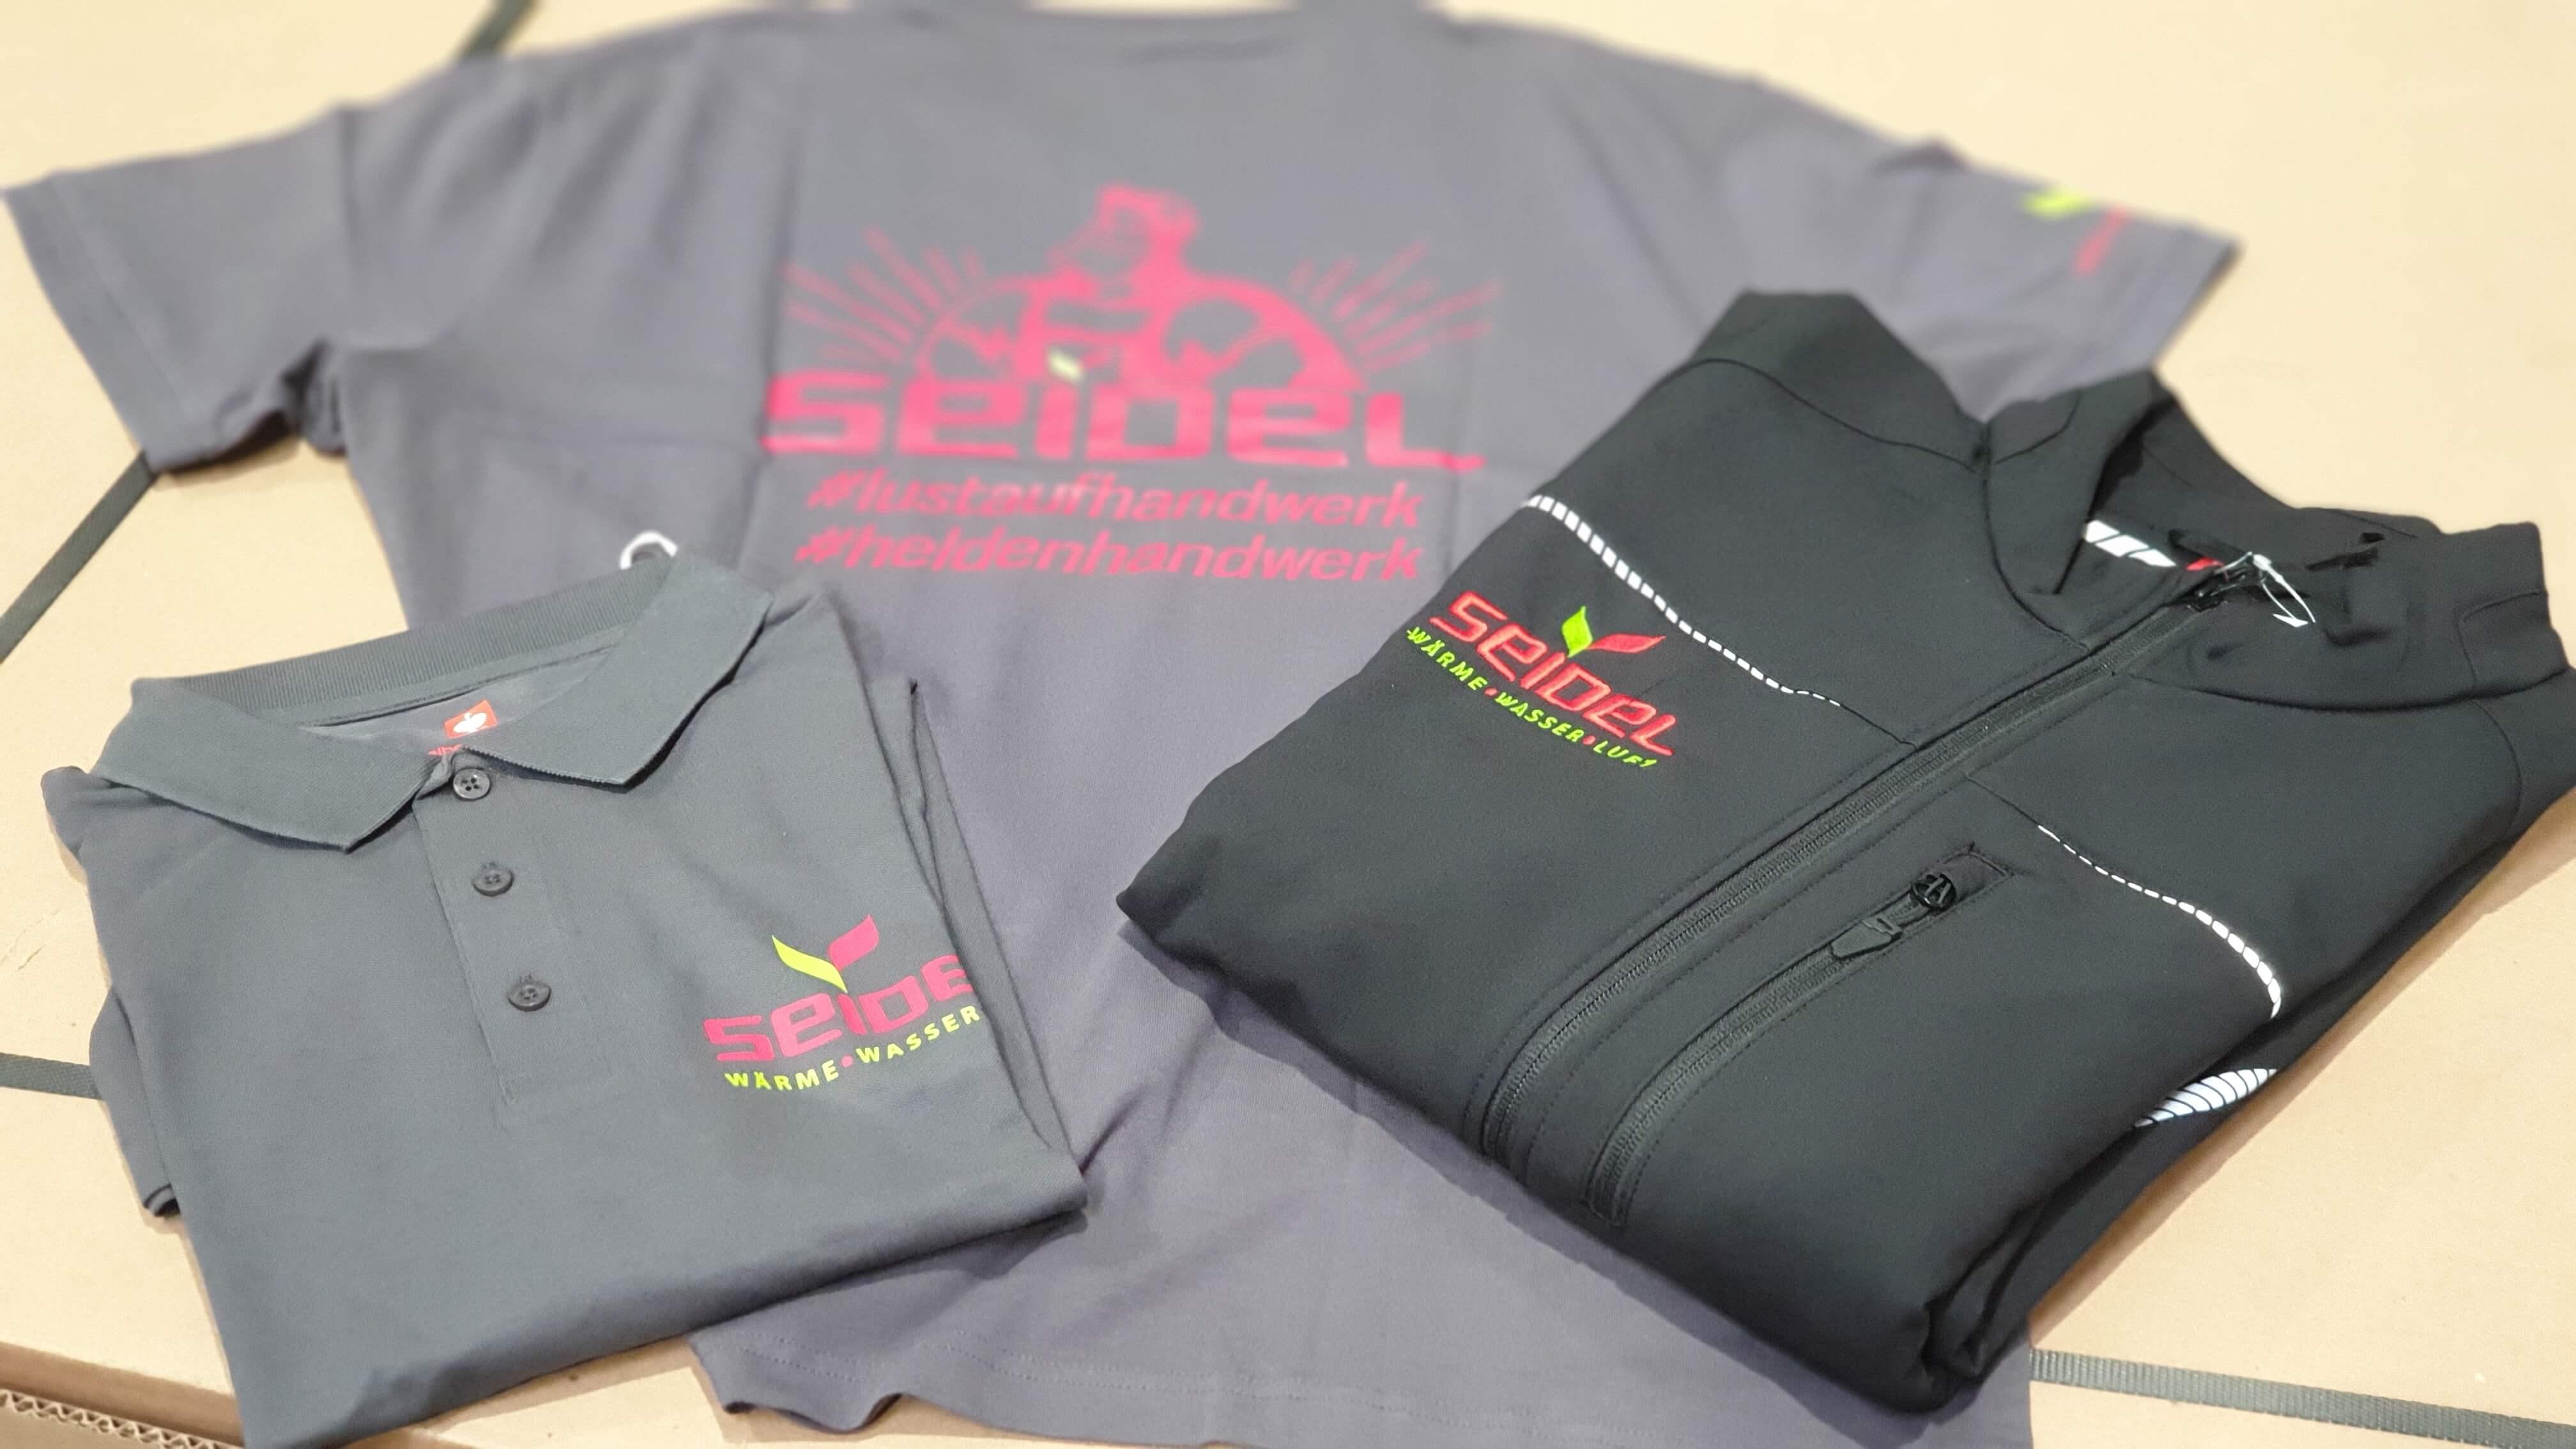 Neue Kleidung für das Seidel-Team